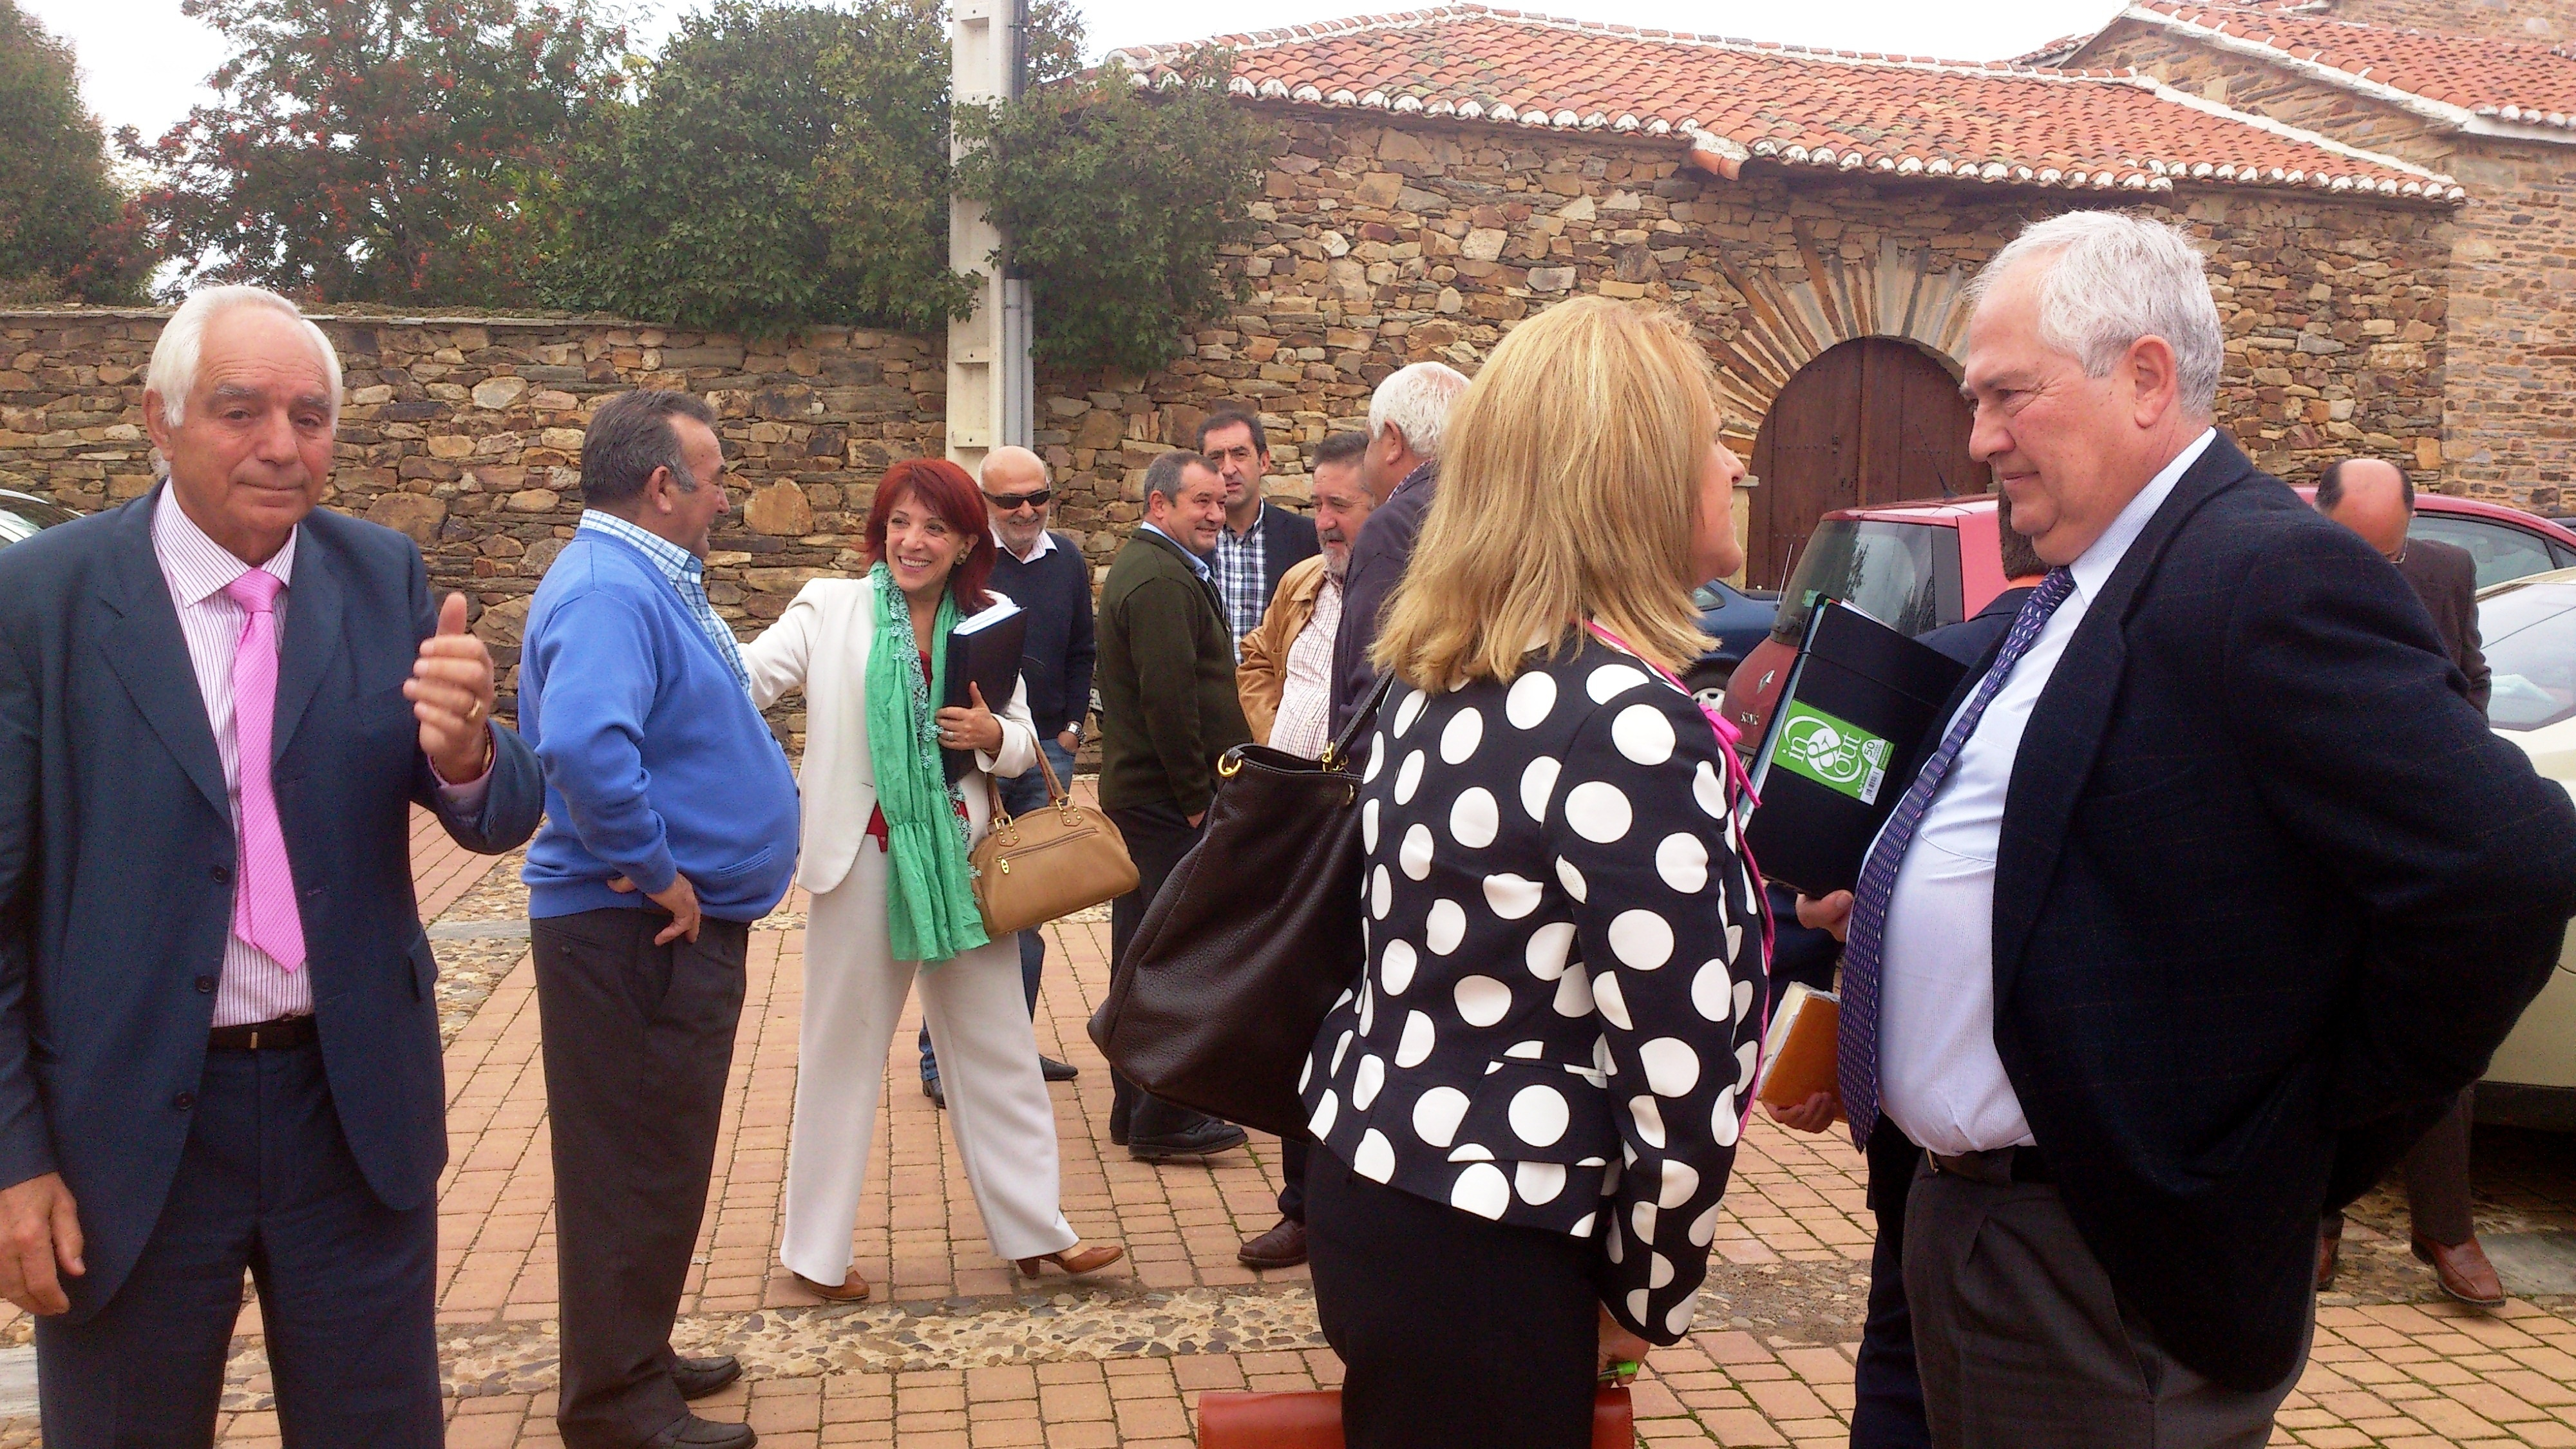 El delegado de la Junta en León analiza con 40 alcaldes y representantes municipales la Ley de Ordenación del Territorio